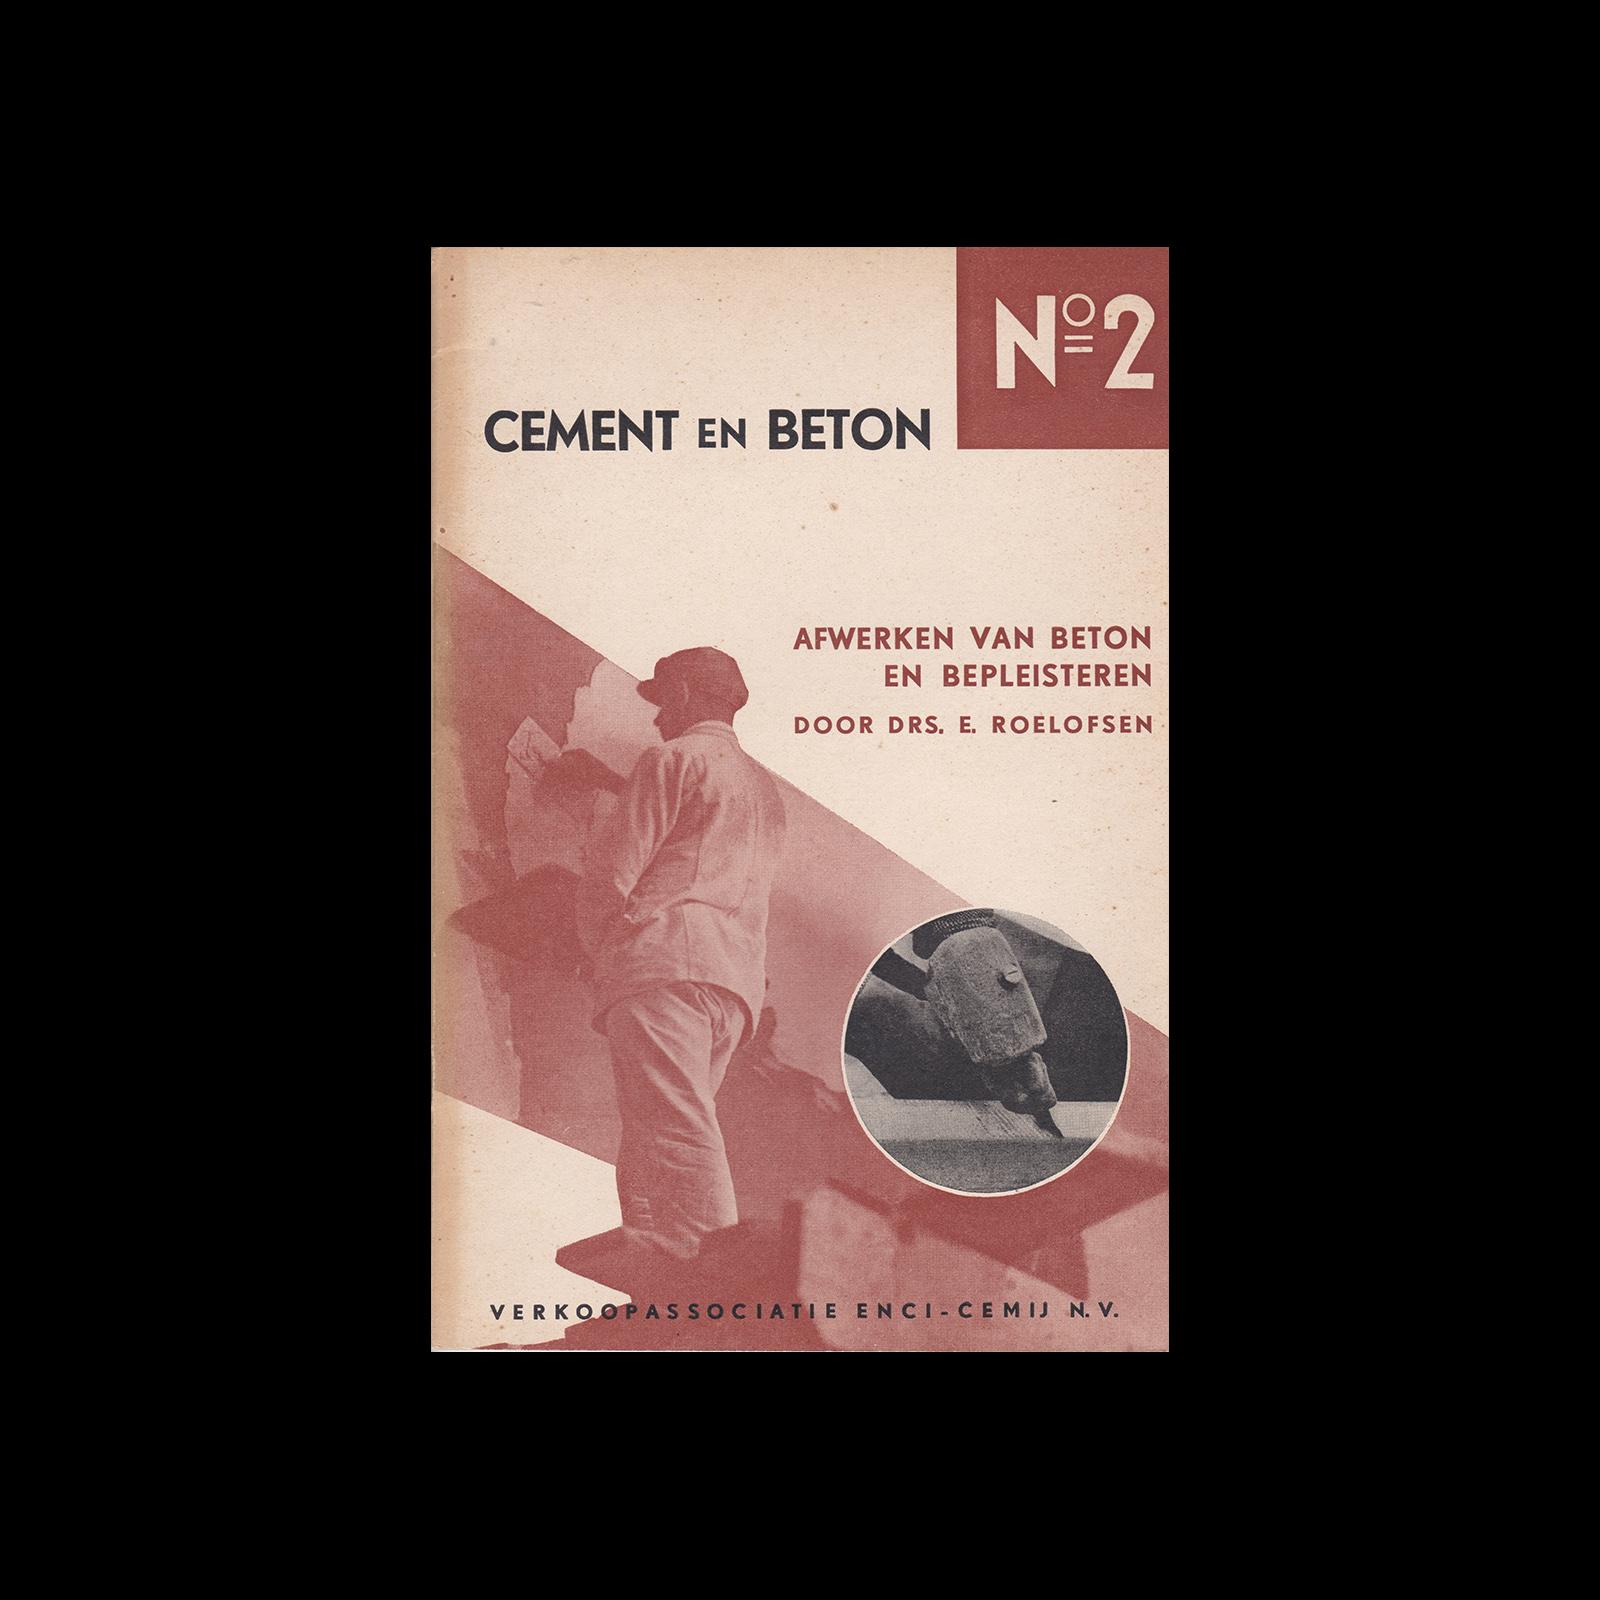 Cement en Beton, 2, 1938. Design by Paul Schuitema.